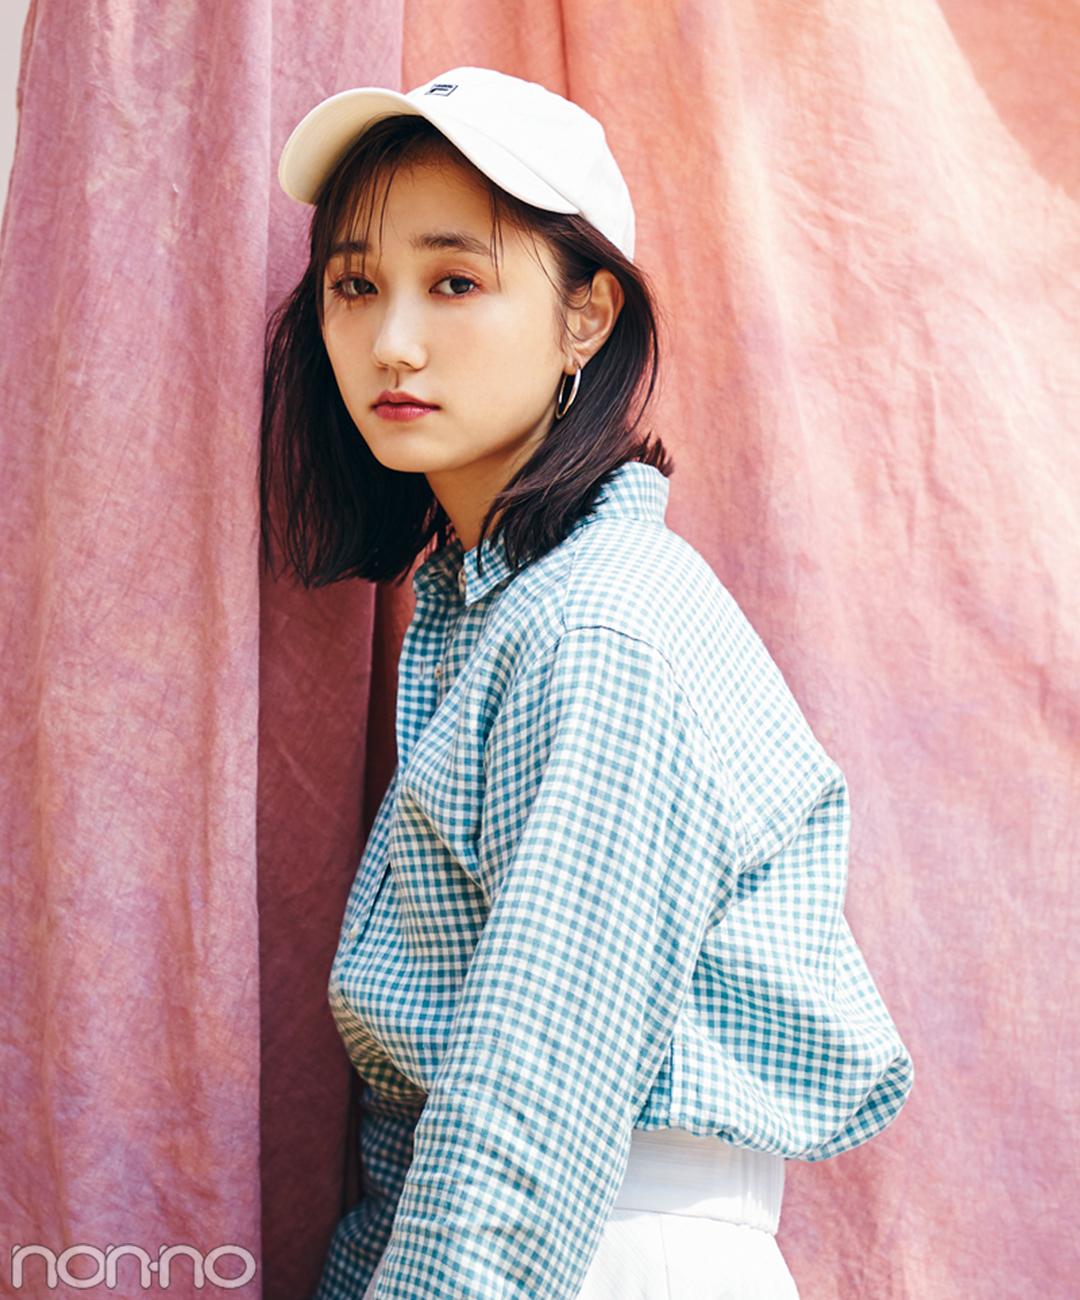 【夏のシャツコーデ】鈴木友菜の、ギンガムチェックシャツコーデ